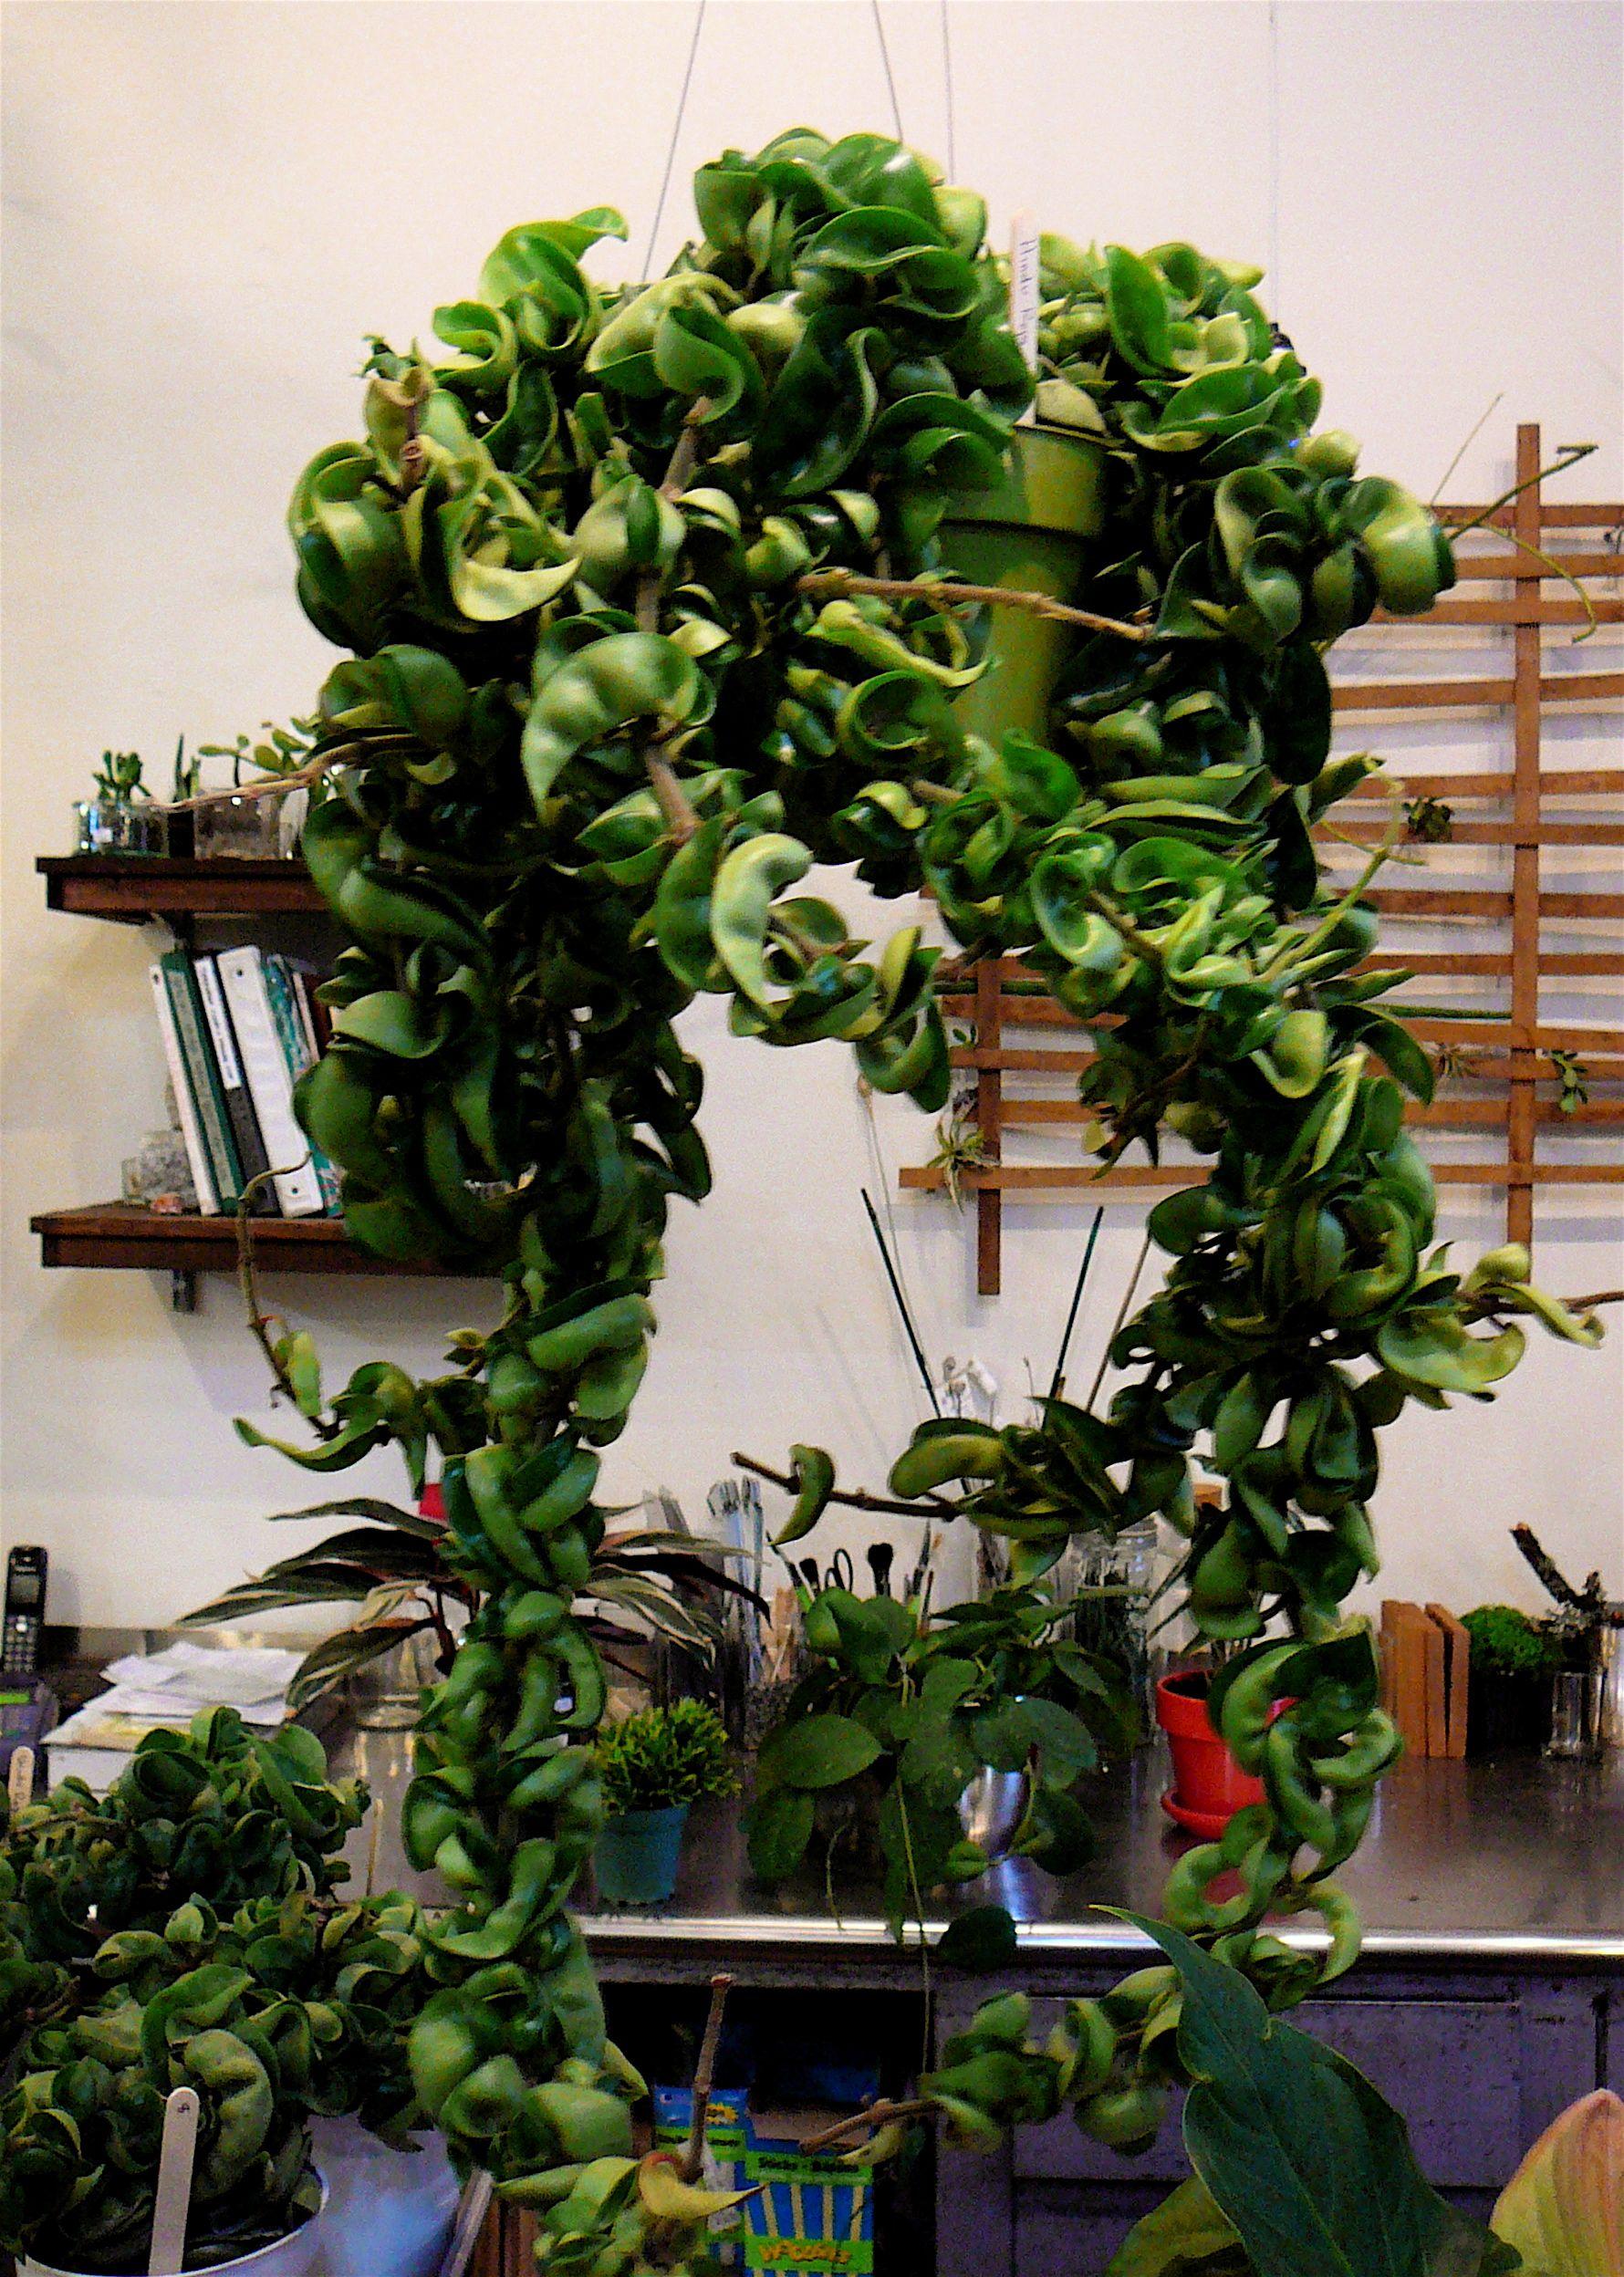 Hindu Rope Hoya Hoya Compacta Houseplants Plants Hoya Plants